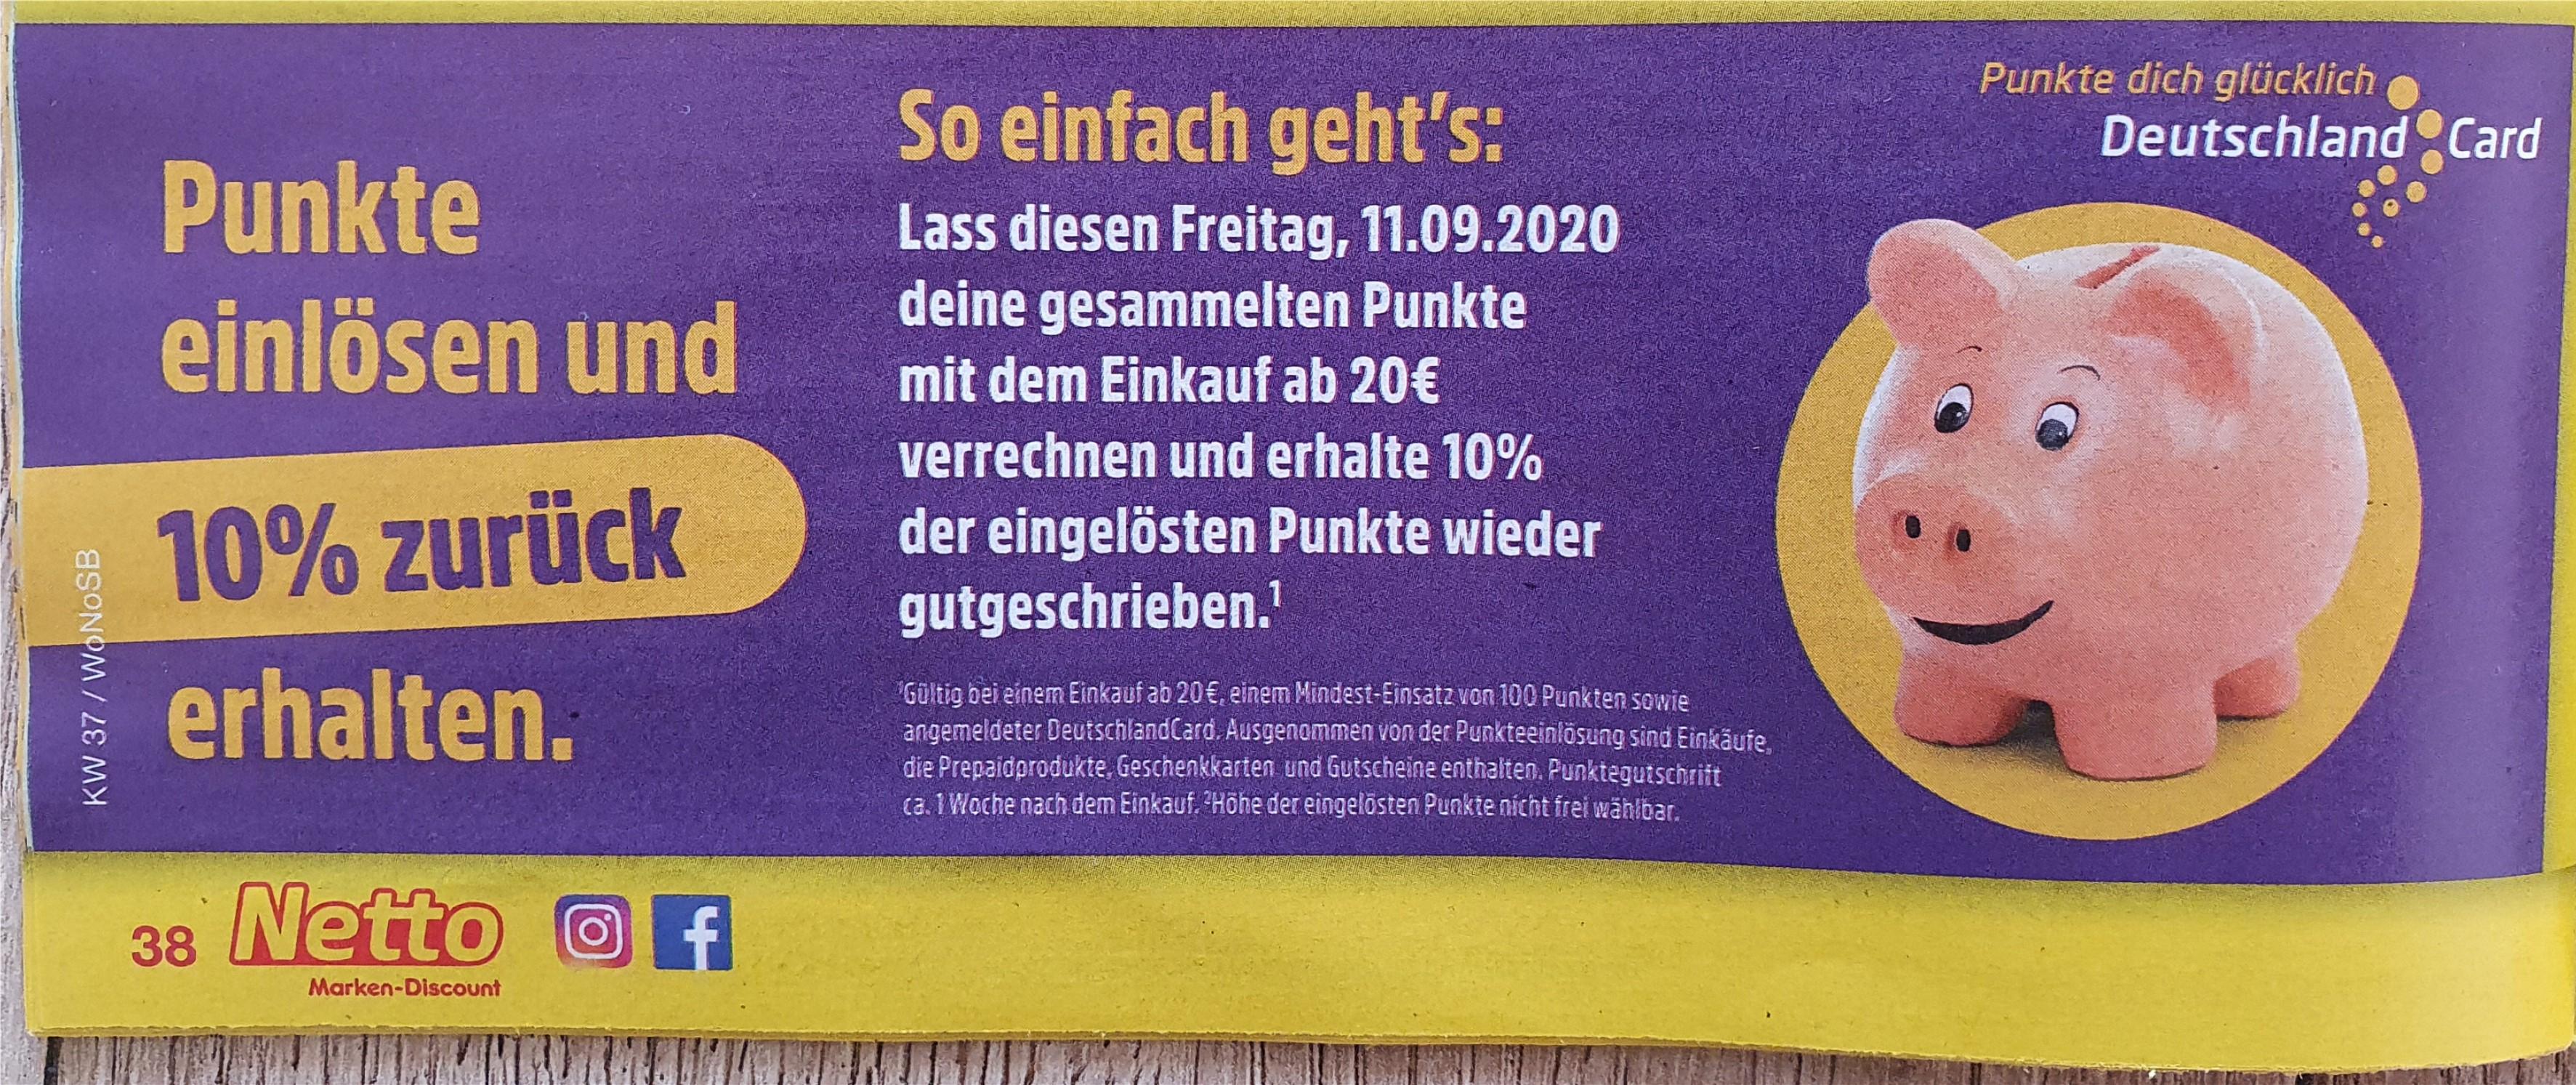 Eventuell lokal [Netto MD & DeutschlandCard] Bei Punkteeinlösung am 11.09. ab 20 € Einkaufswert 10% der eingelösten Punkte zurück